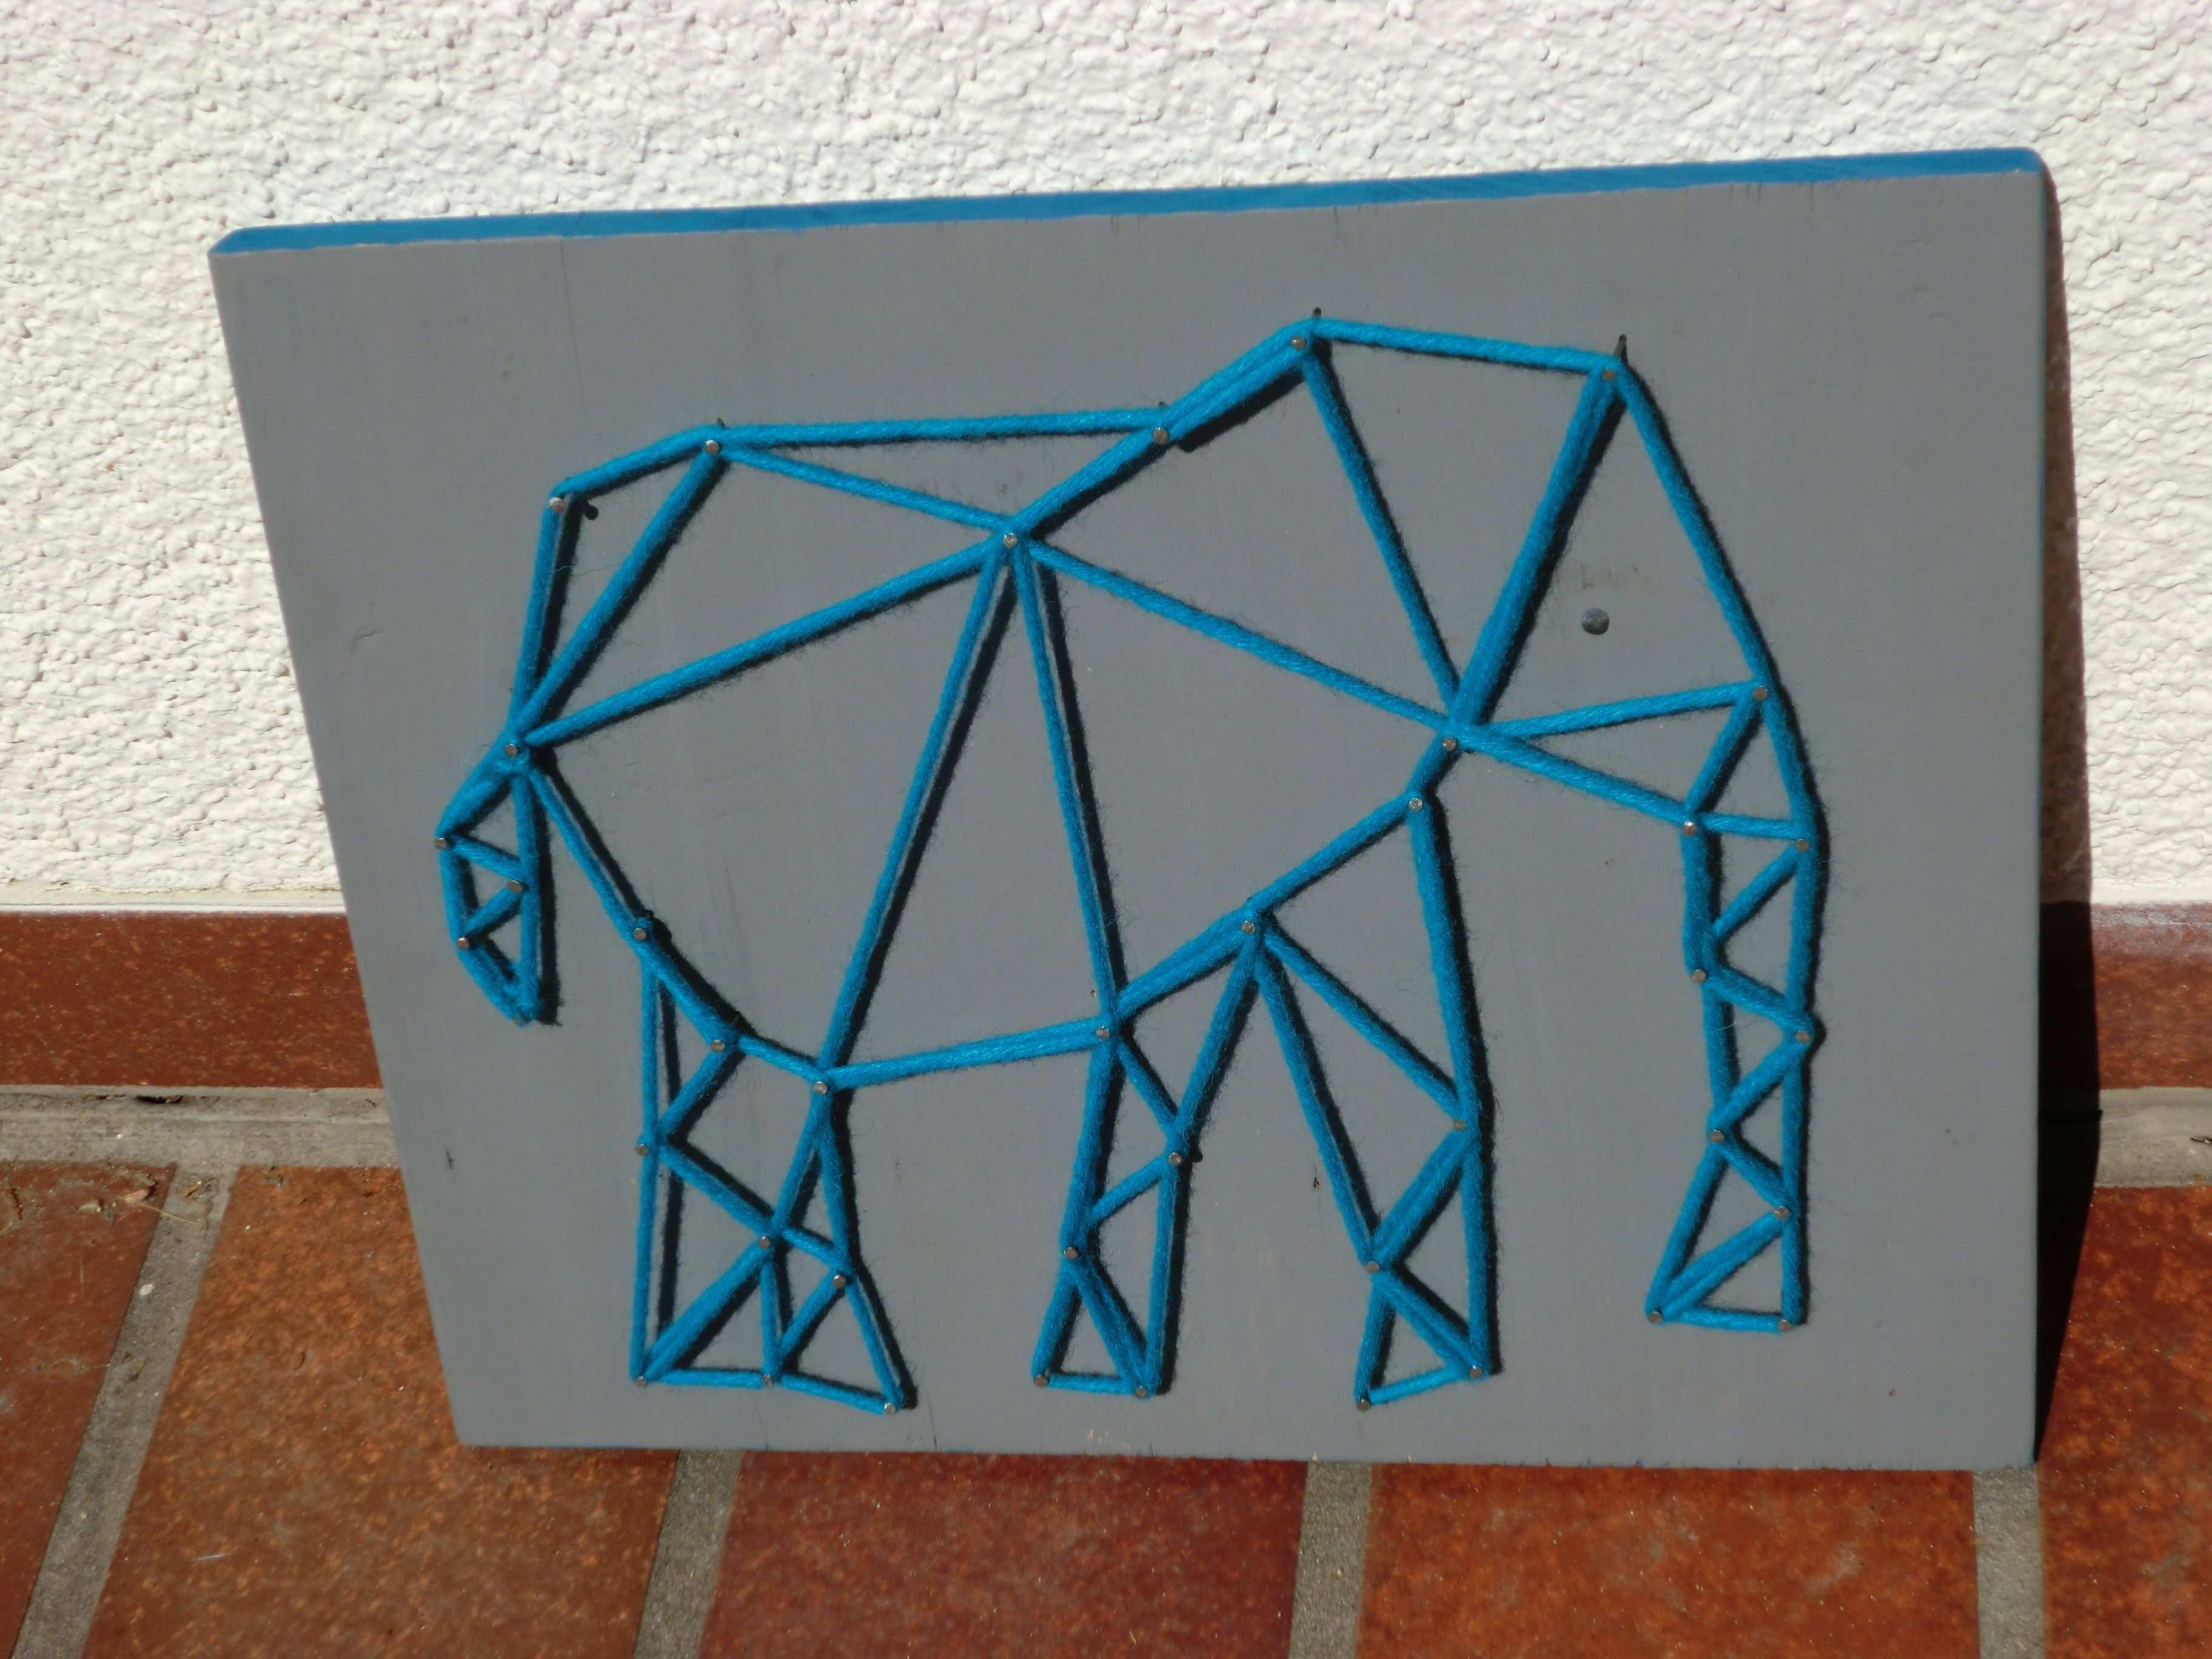 Elefant Nagelbild Fadenbild Basteln Und Selbermachen Kreativ Bastelideen